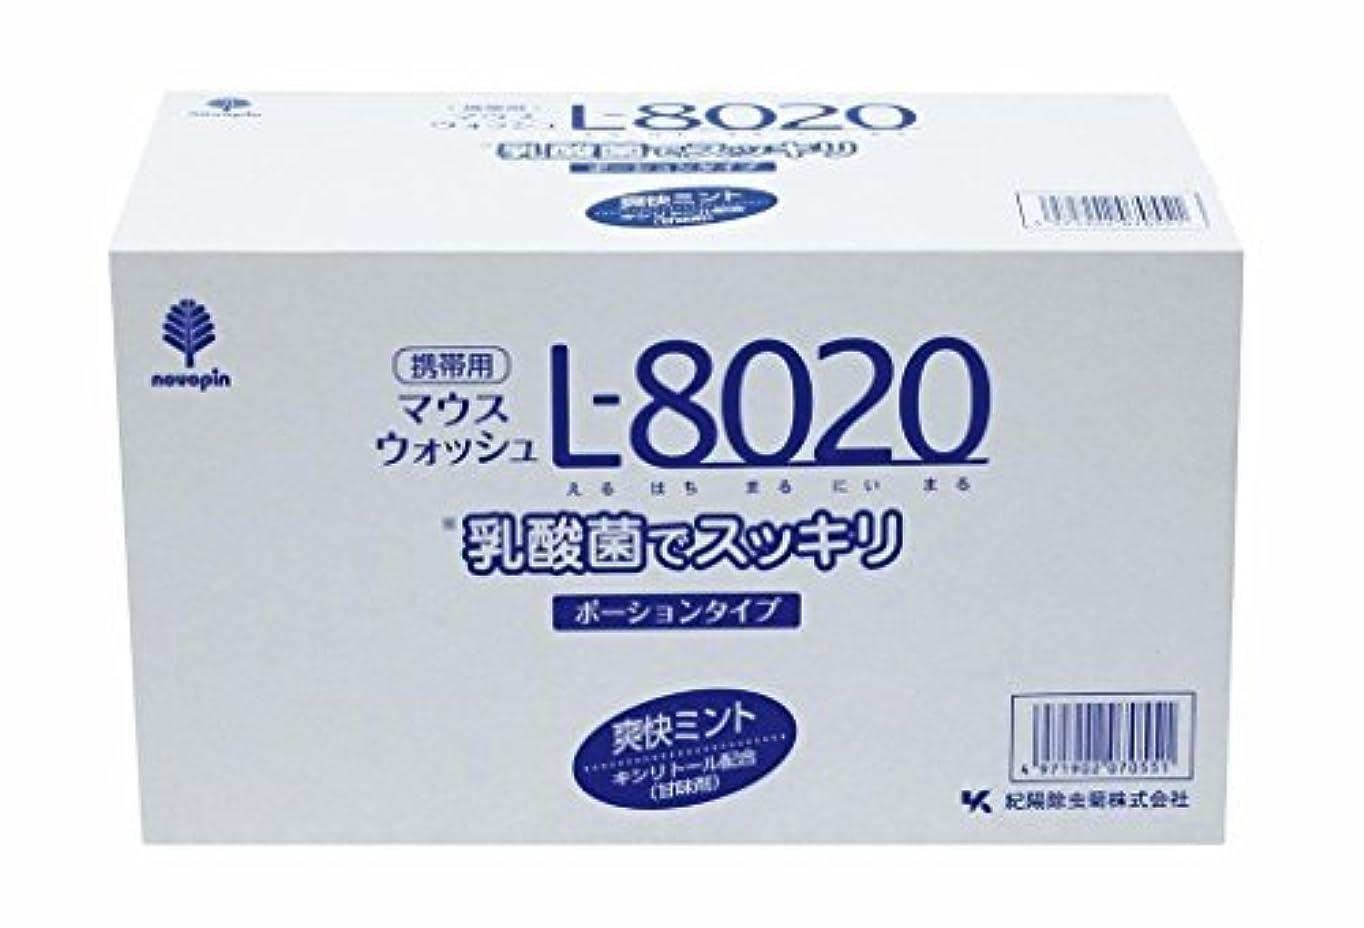 くまルールシミュレートするクチュッペL-8020爽快ミントポーションタイプ100個入(アルコール) 【まとめ買い10個セット】 K-7055 日本製 Japan